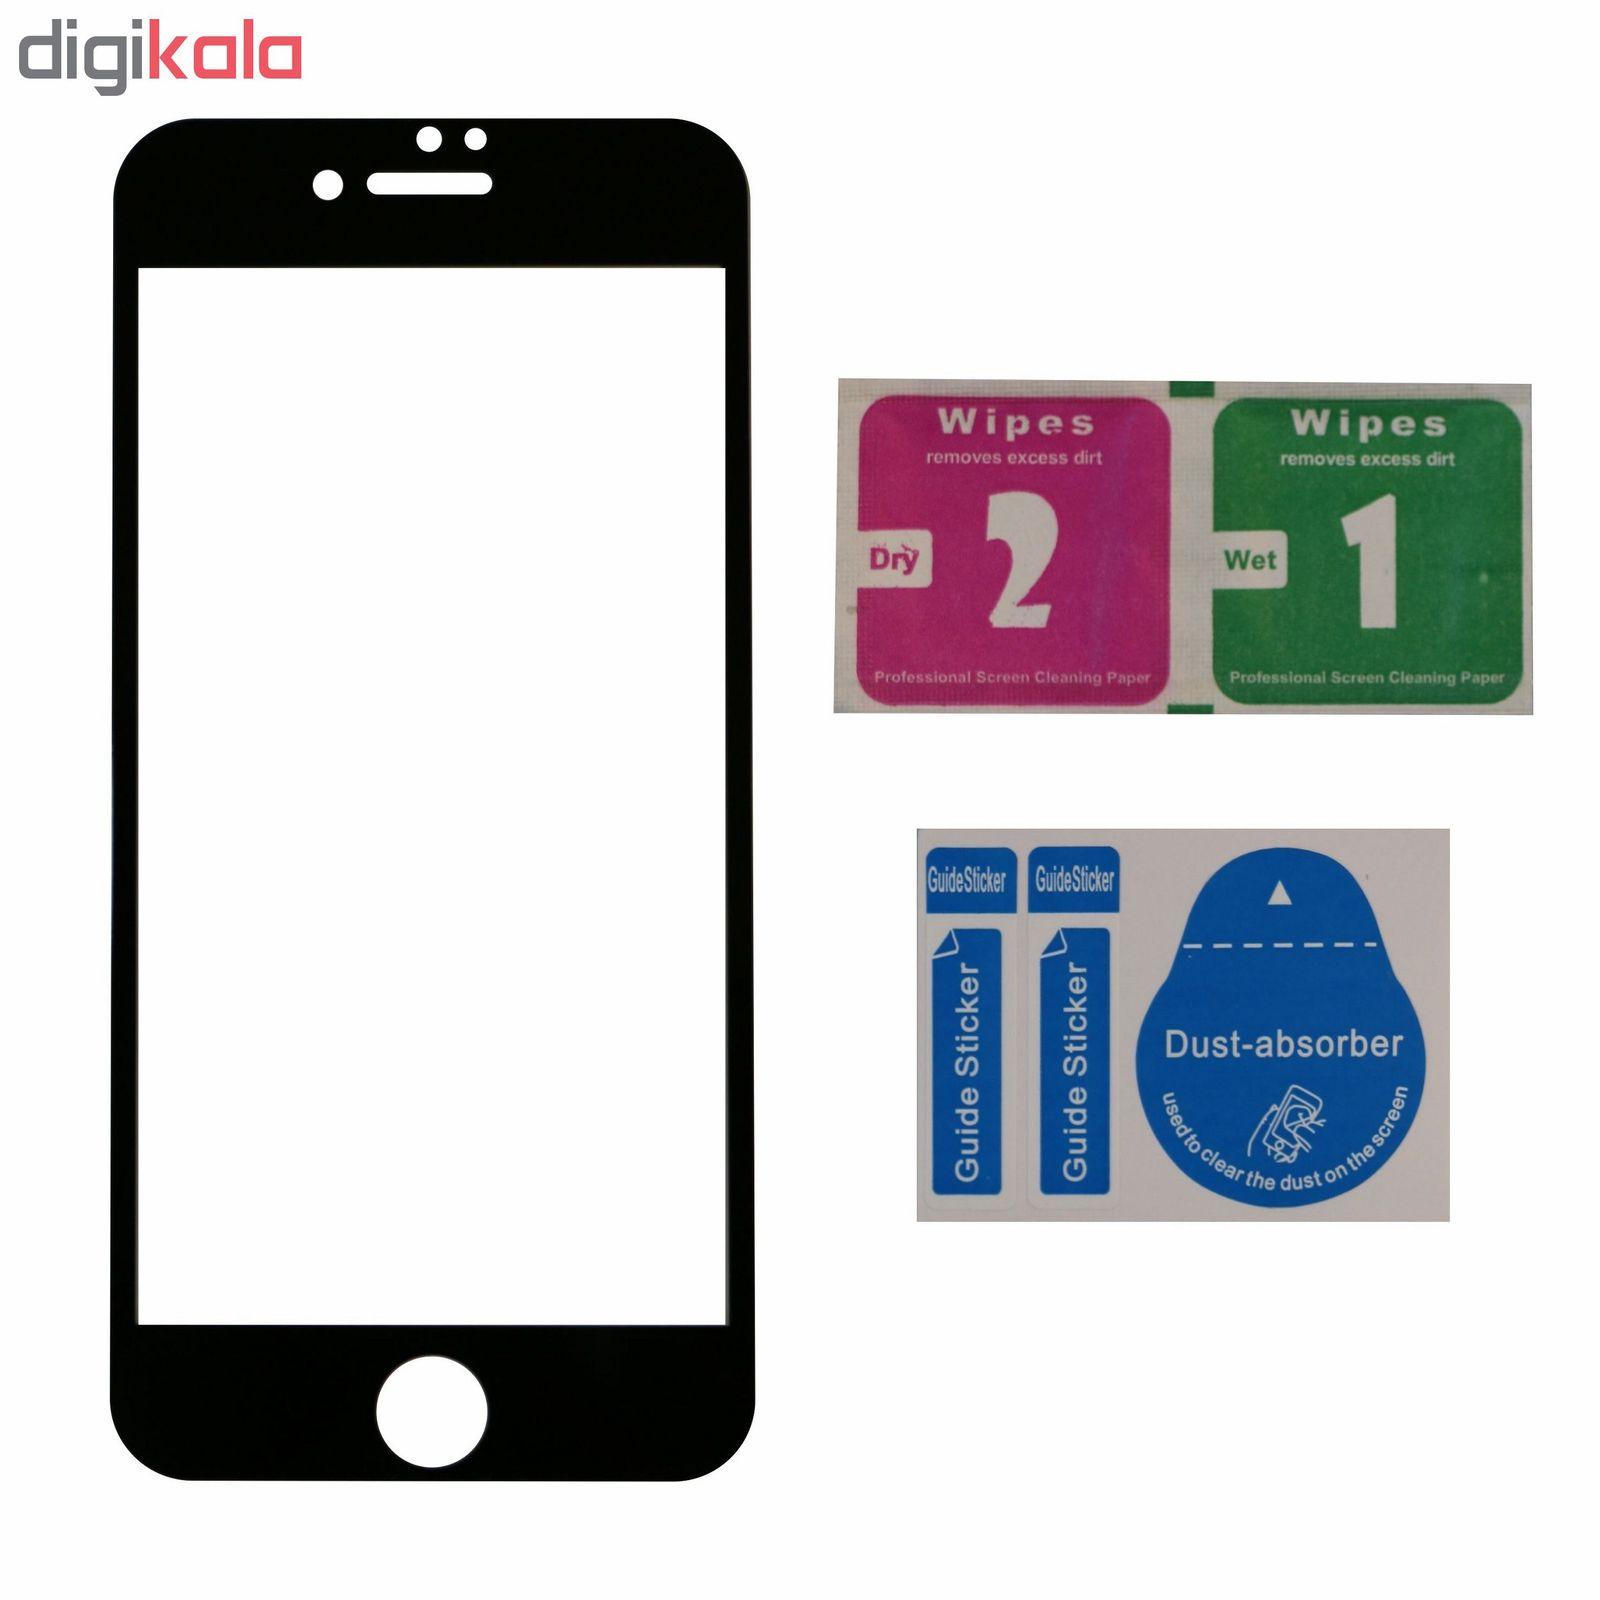 محافظ صفحه نمایش 5D مدل iPG8P01 مناسب  برای گوشی موبایل اپل IPhone 7 plus/8 plus  main 1 4